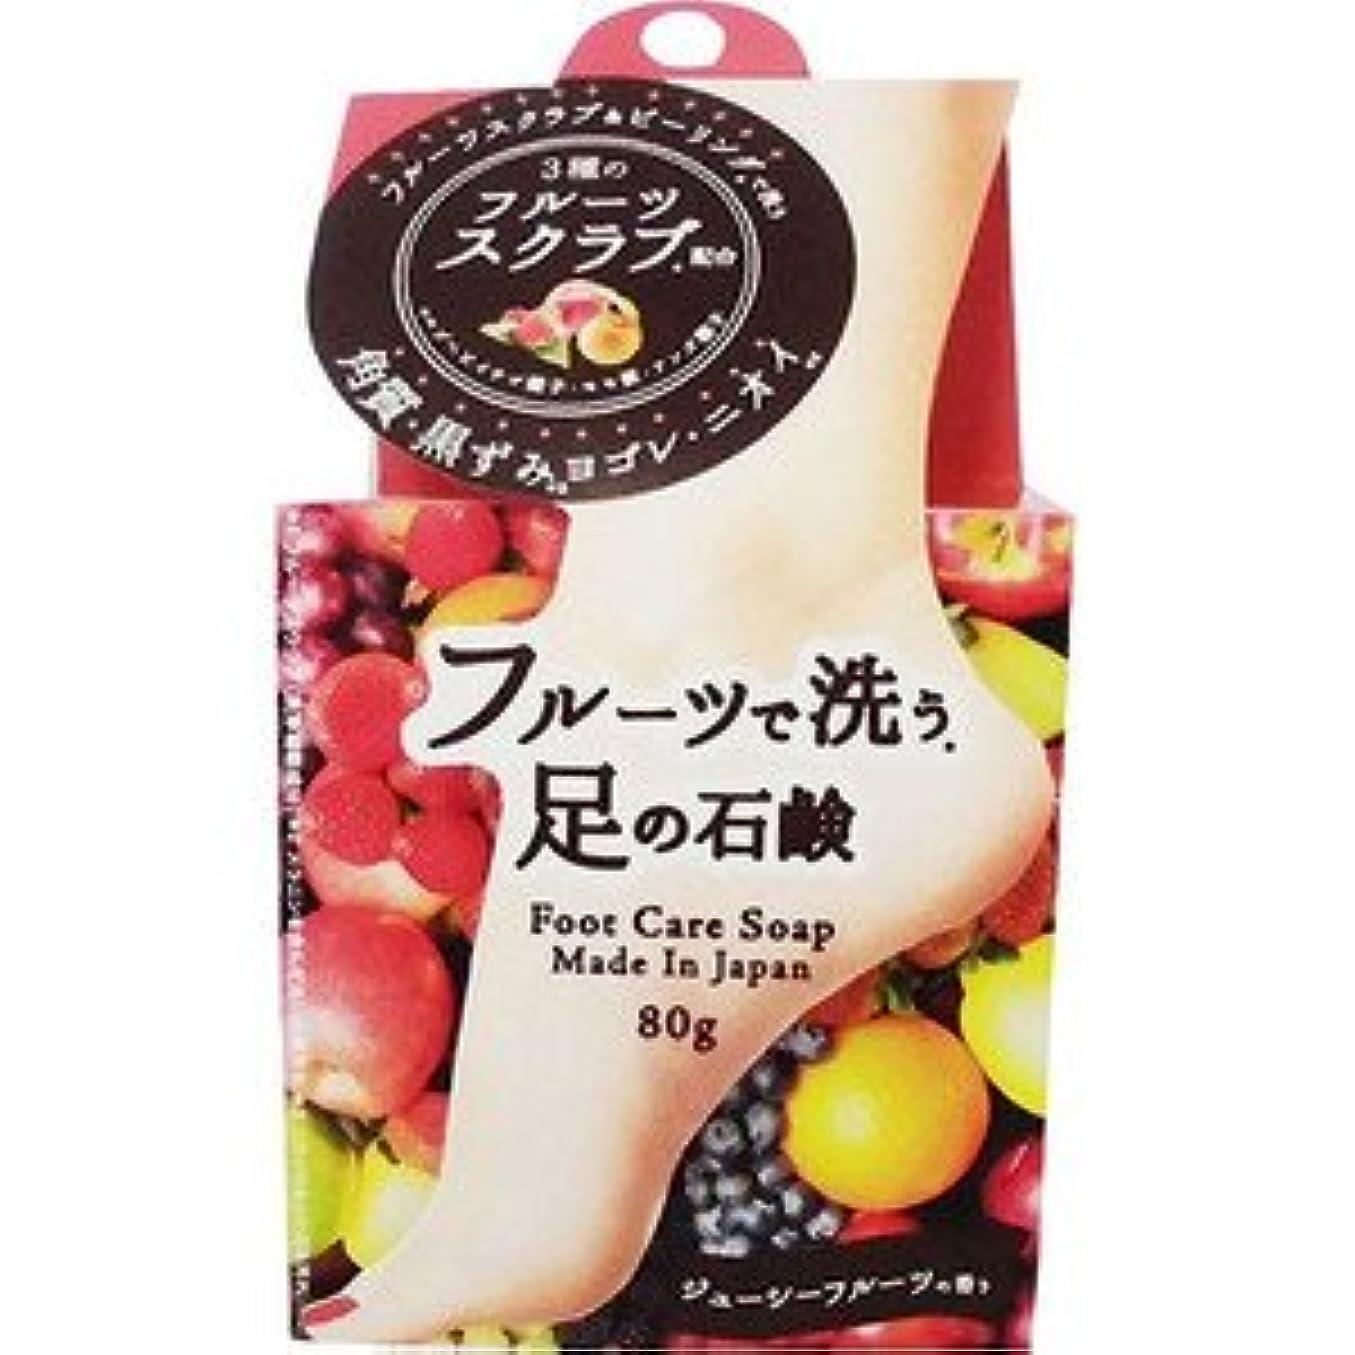 傾向動物園コンテスト(ペリカン石鹸)フルーツで洗う足の石鹸 ジューシーフルーツの香り 80g(お買い得3個セット)